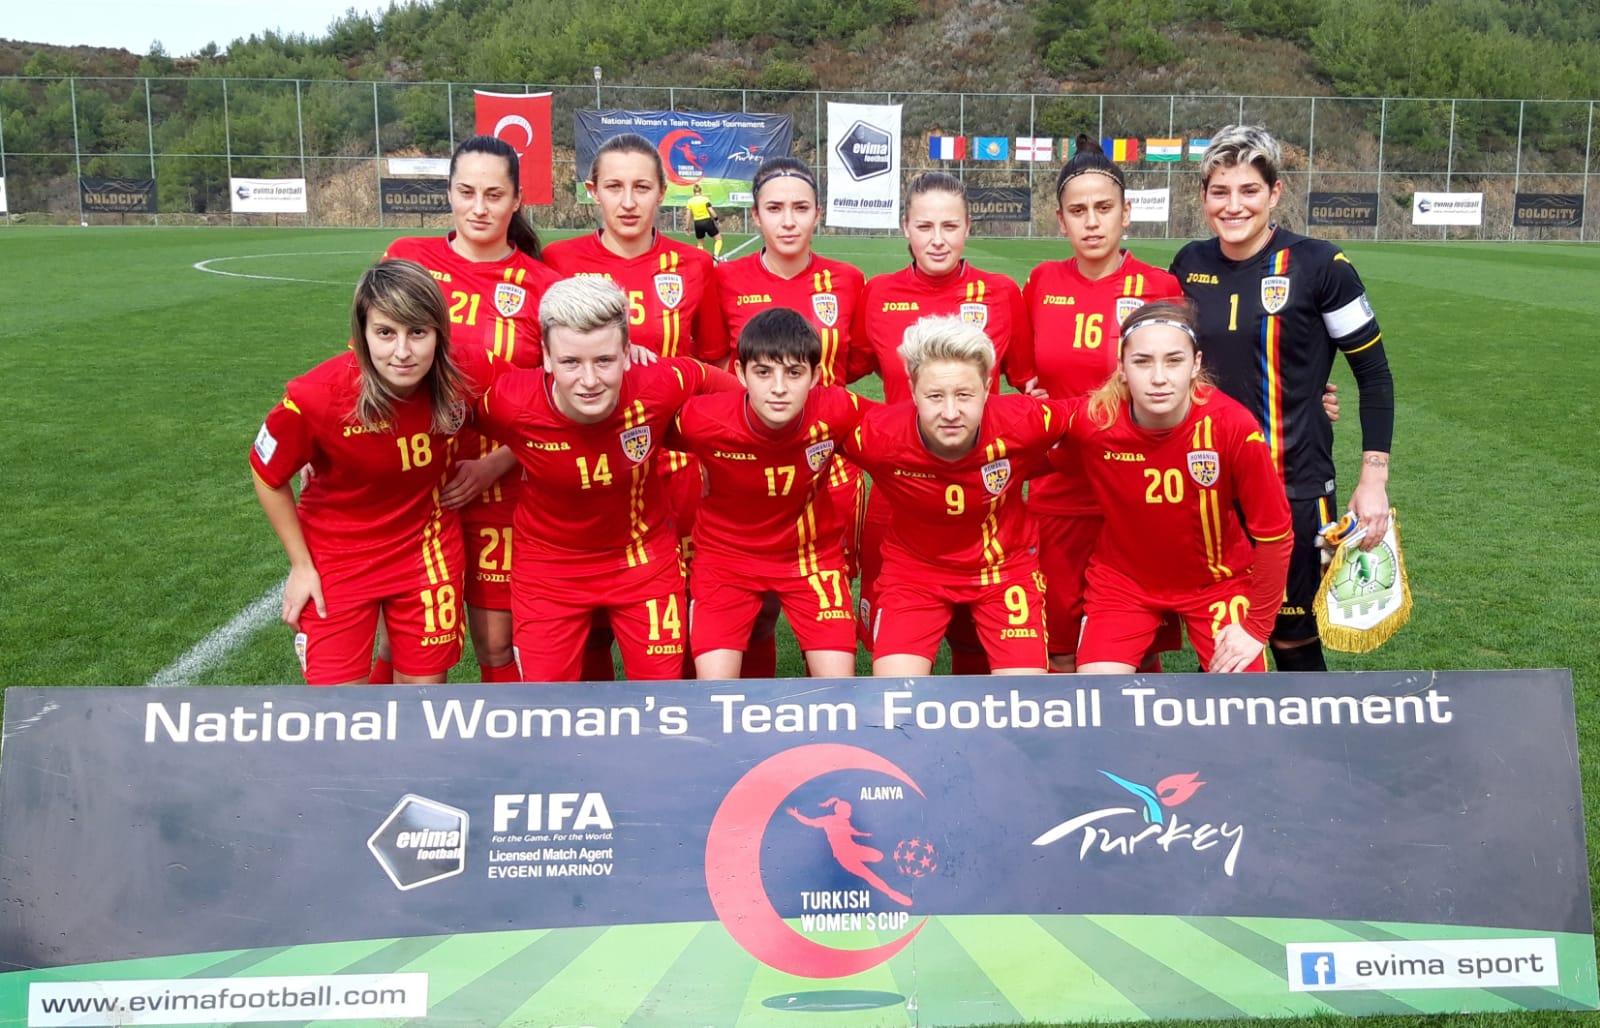 Carton de la Roumanie face au Turkménistan (13-0) !